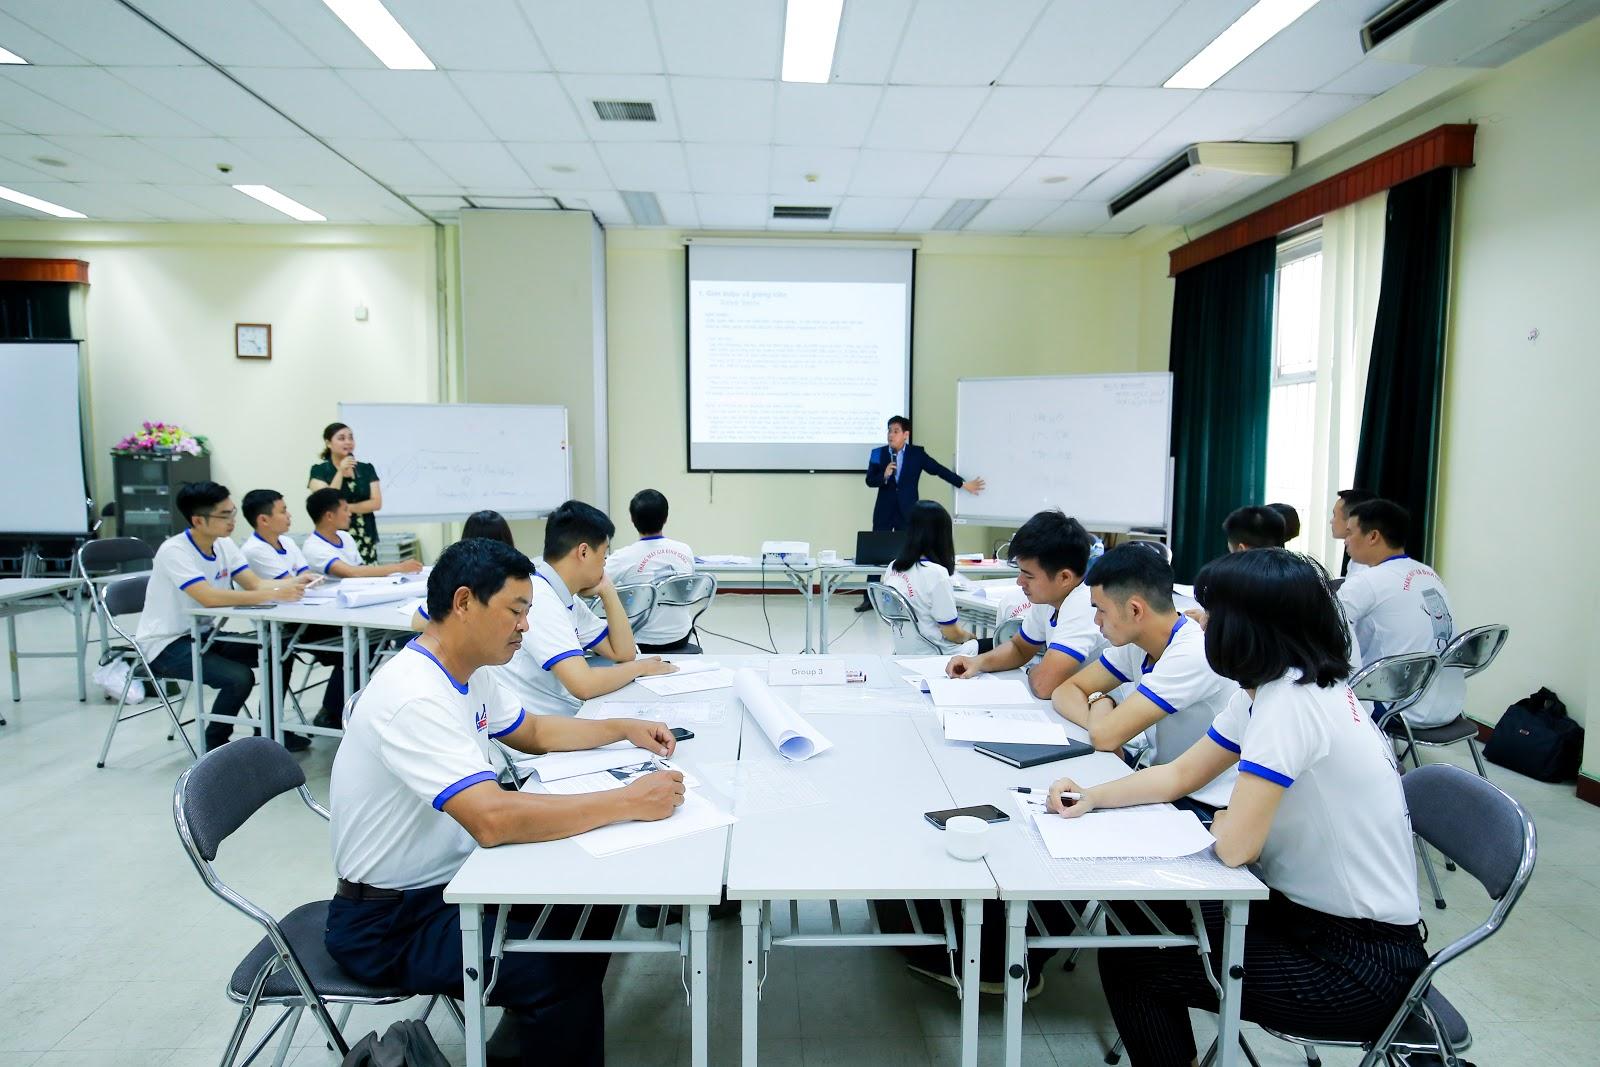 Các thành viên thang máy gia đình Gama được tuyển chọn, đào tạo bởi các chuyên gia hàng đầu từ Nhật Bản về phong cách phục vụ